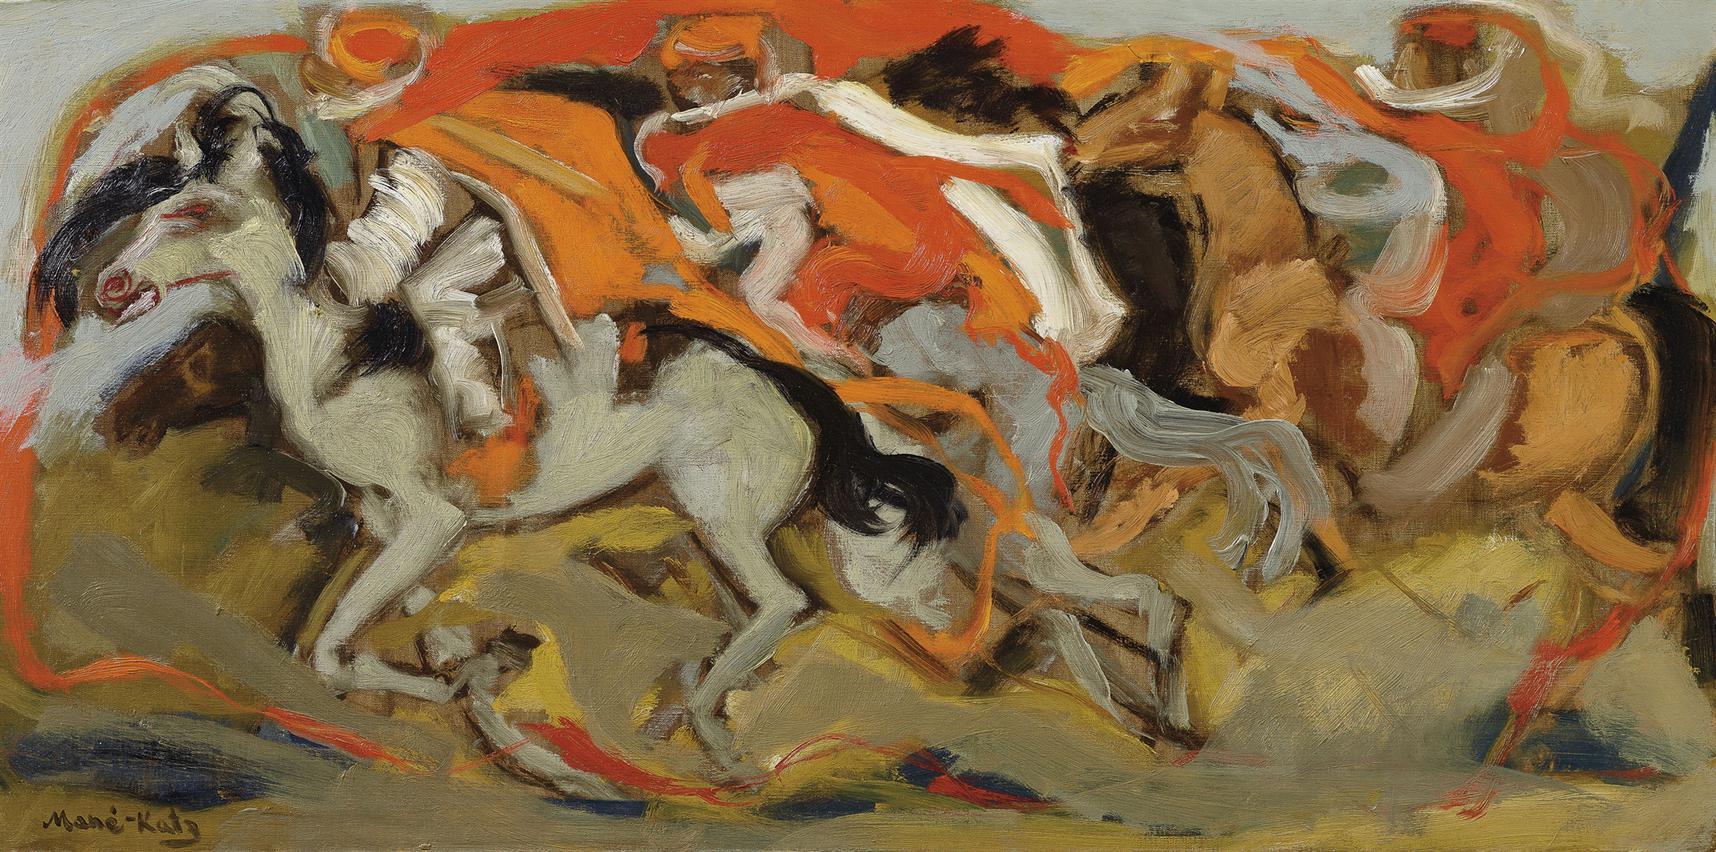 Mane-Katz-Bedouin Horses-